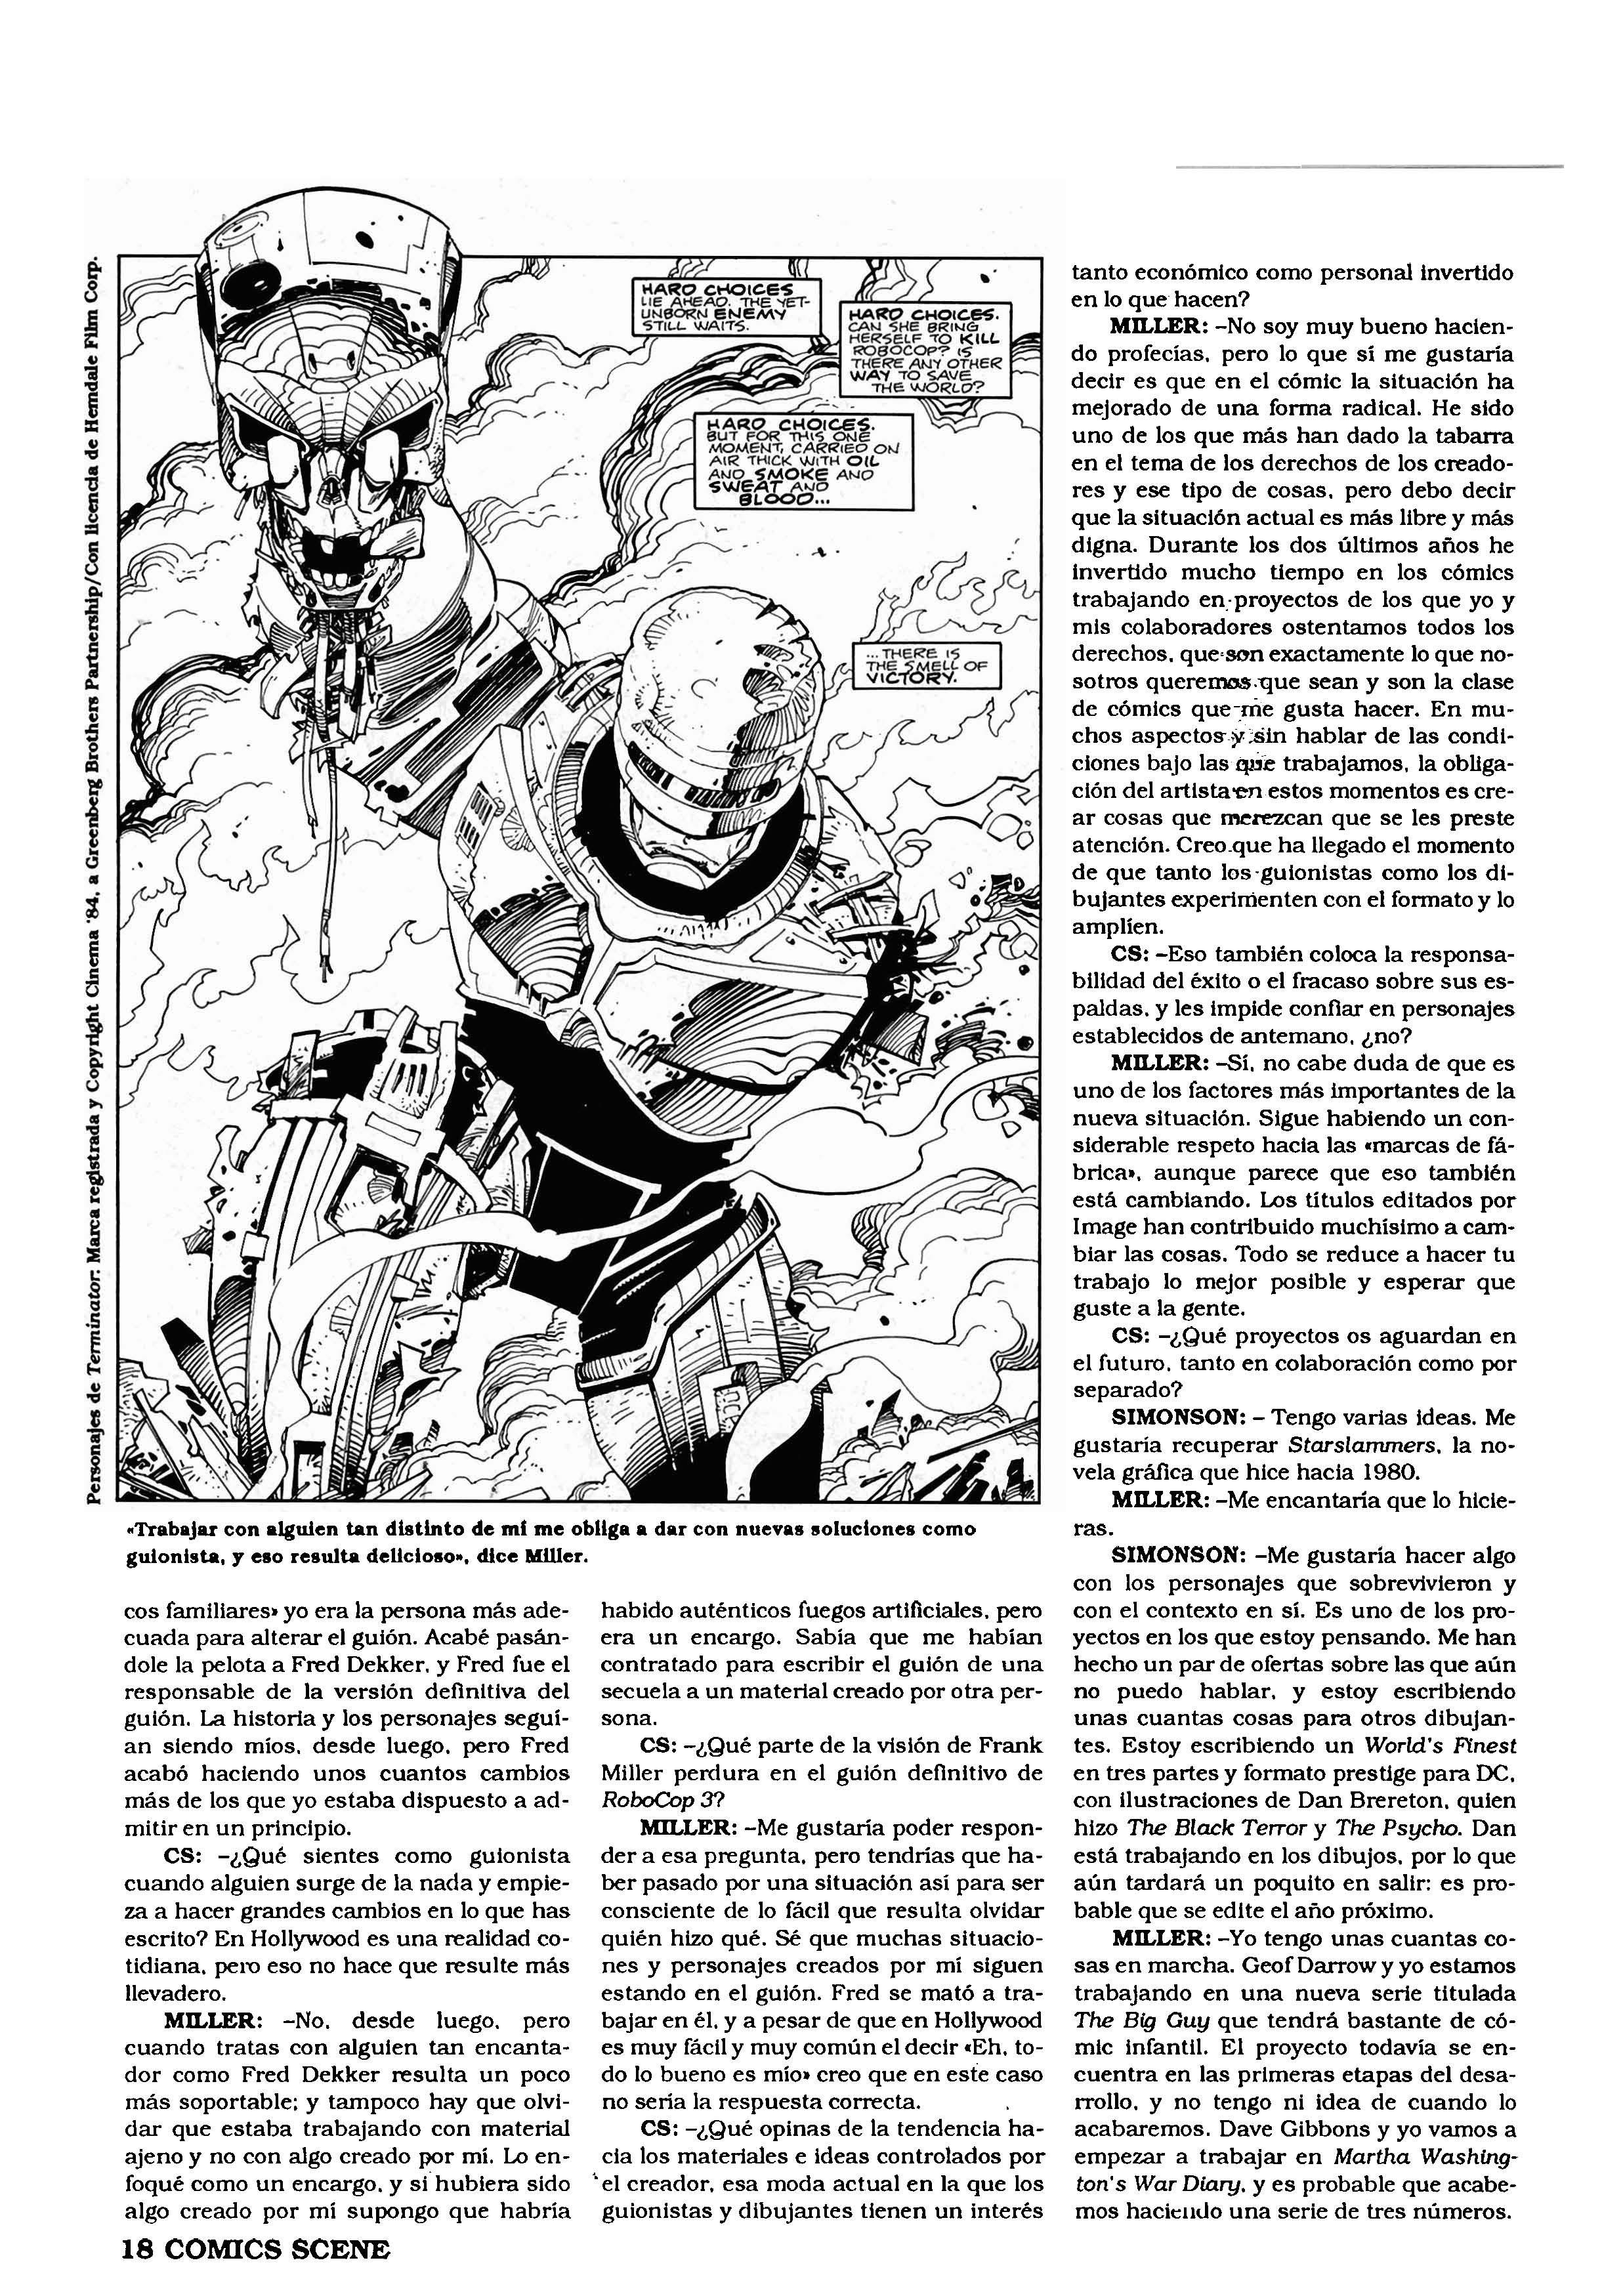 RoboCop versus Terminator_Página_4